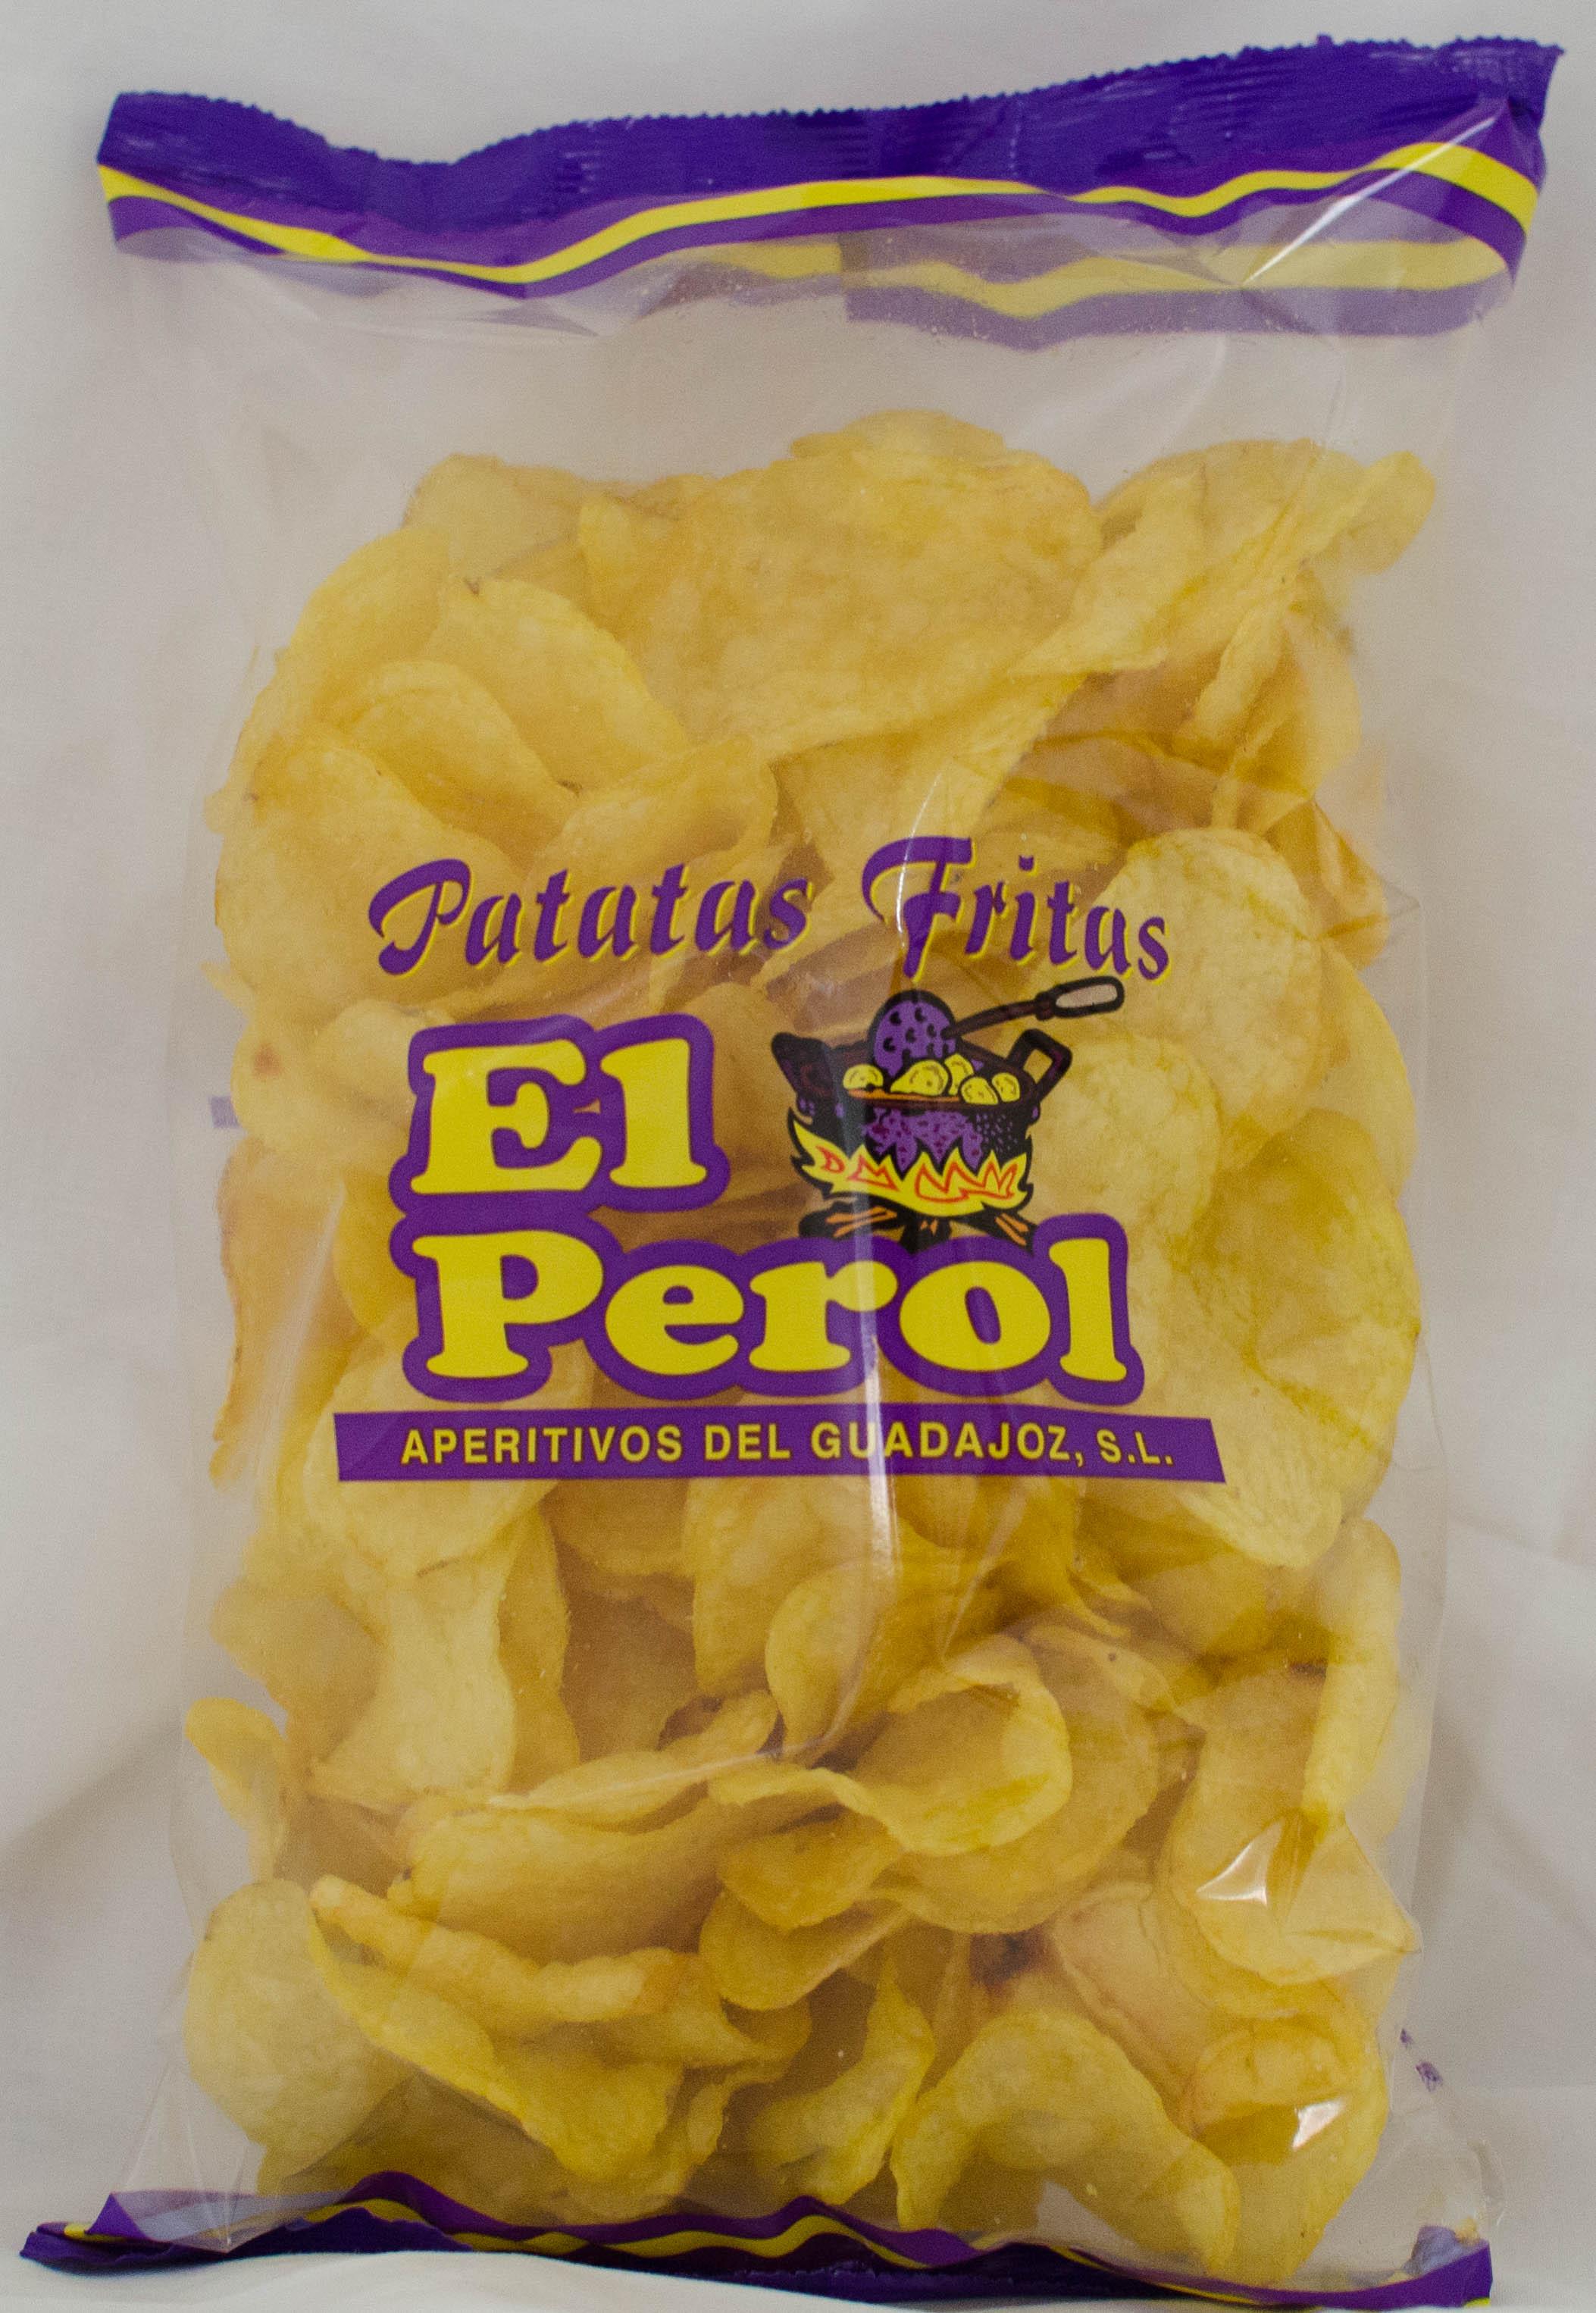 Patatas fritas (325grs) Image